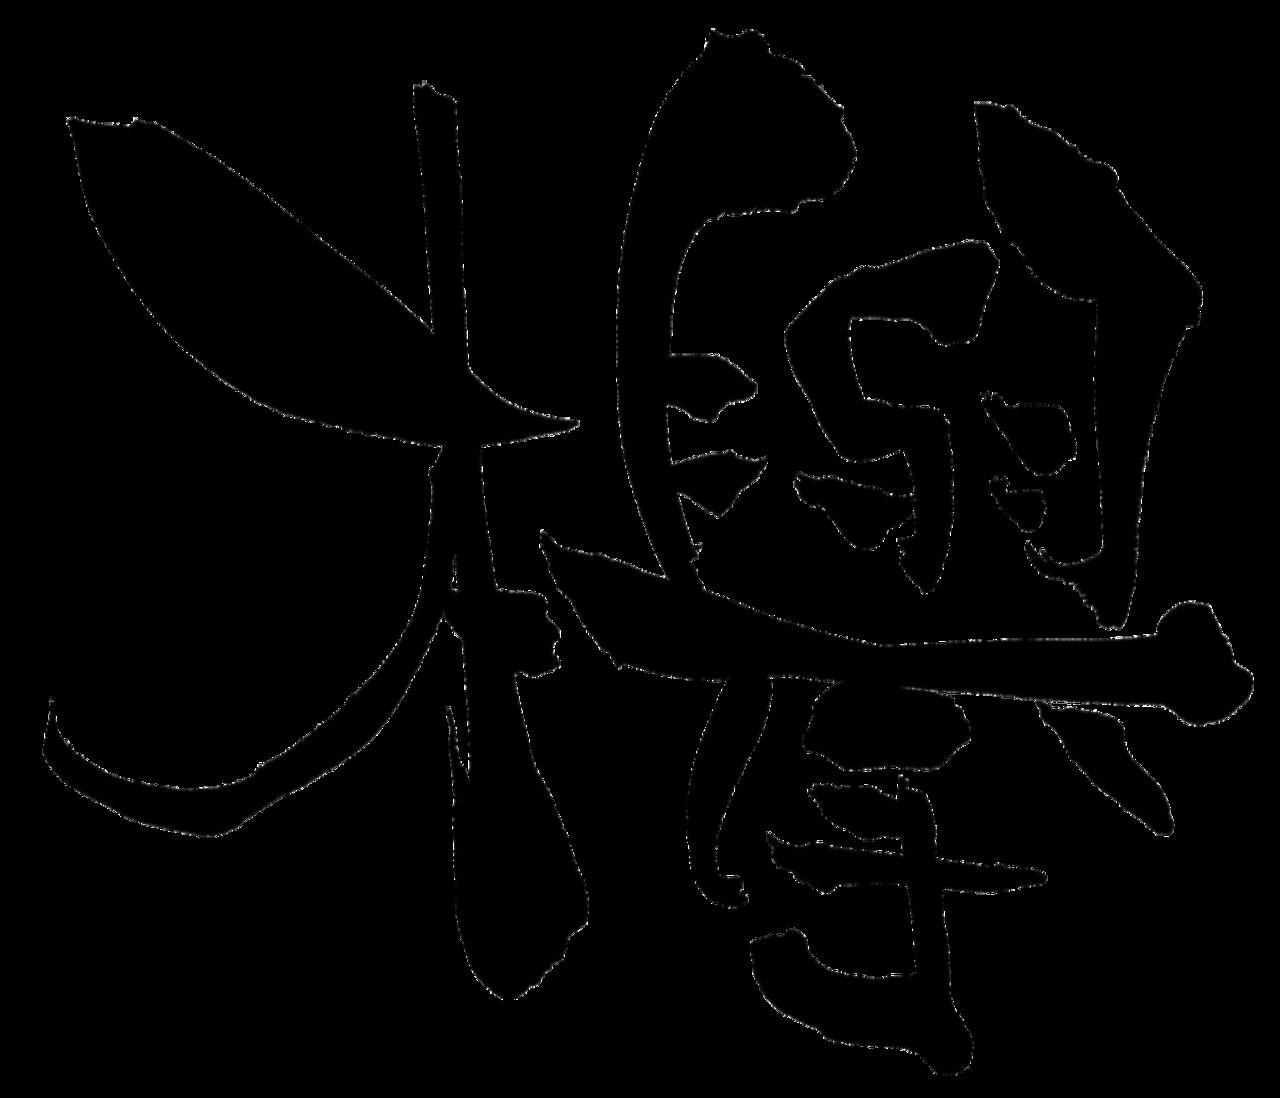 土田晃之、「ひらがなけやき」増員にコメント 「漢字欅とシャッフルしたりするのかな」